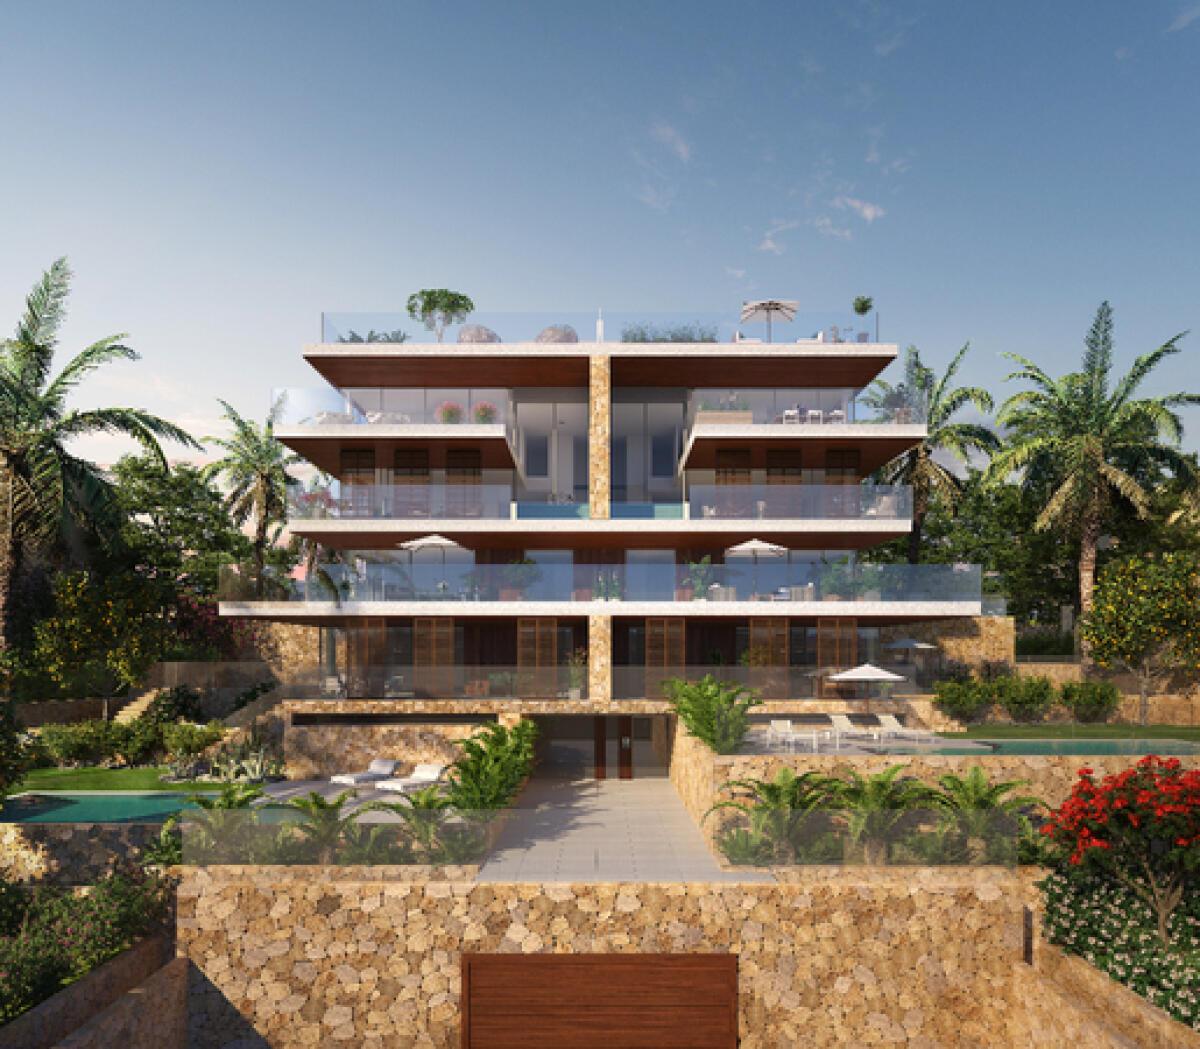 Elegante apartamento d plex con jard n privado y piscina for Piscina y jardin mallorca